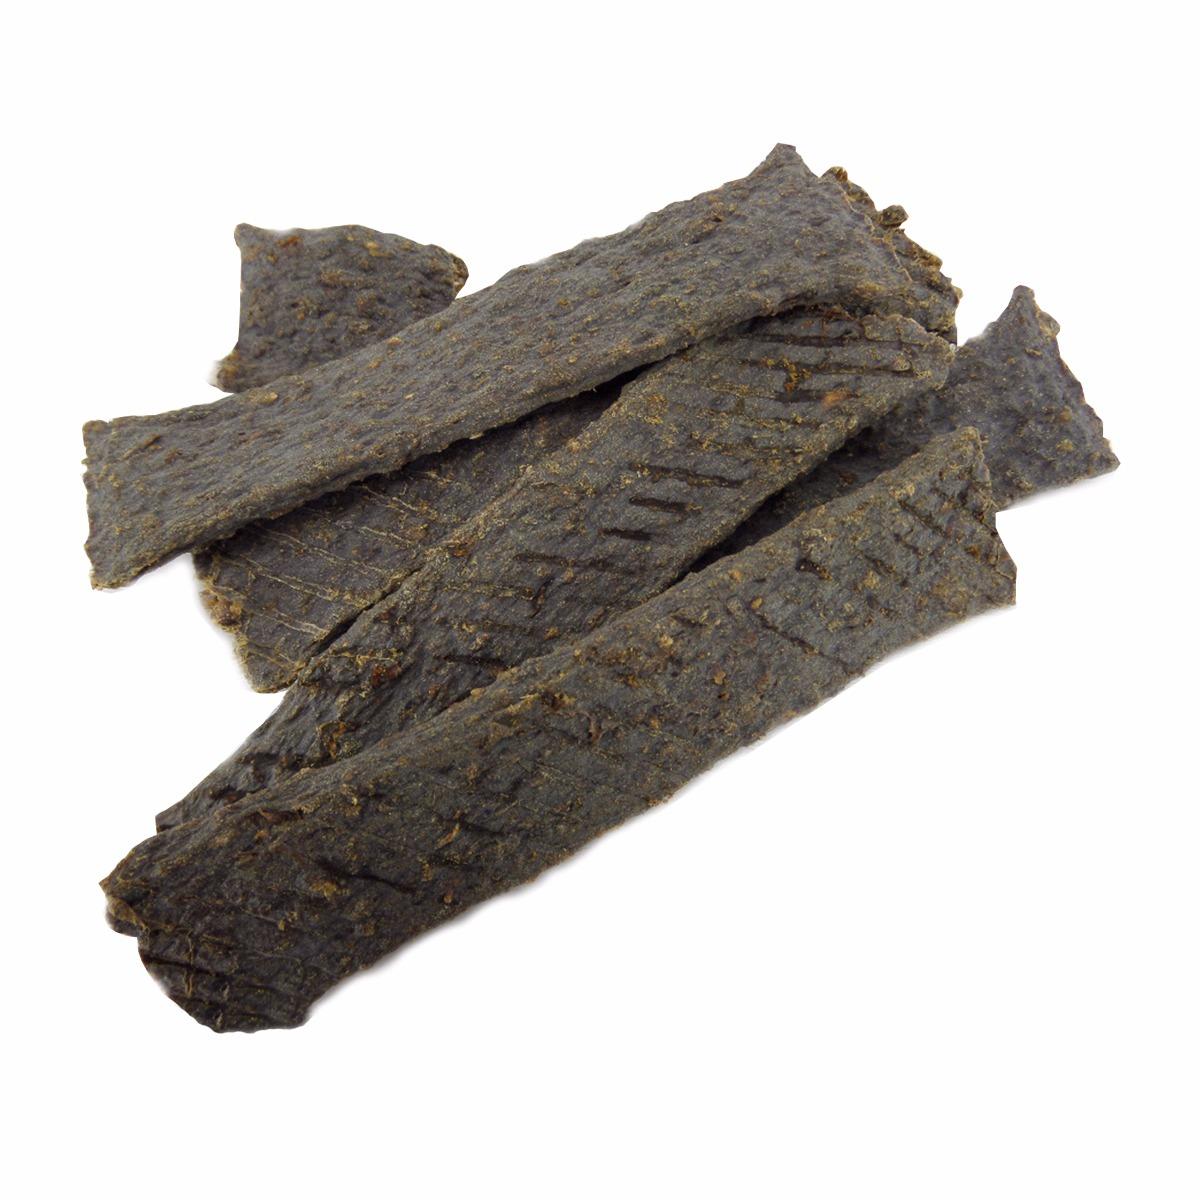 Deze vleesstrips van wild zwijn zijn een smakelijke snack voor elke hond. De strips bevatten alleen 100% vlees. De vleesstrips zijn eenvoudig in kleinere stukken te breken waardoor ze naast als kauwsnack ook als beloningssnoepjes kunnen worden gebruikt.  Hondensnack van wild zwijn Geen geur- kleur- smaakstoffen Graanvrij; 100% vlees  Inhoud: 100 gram